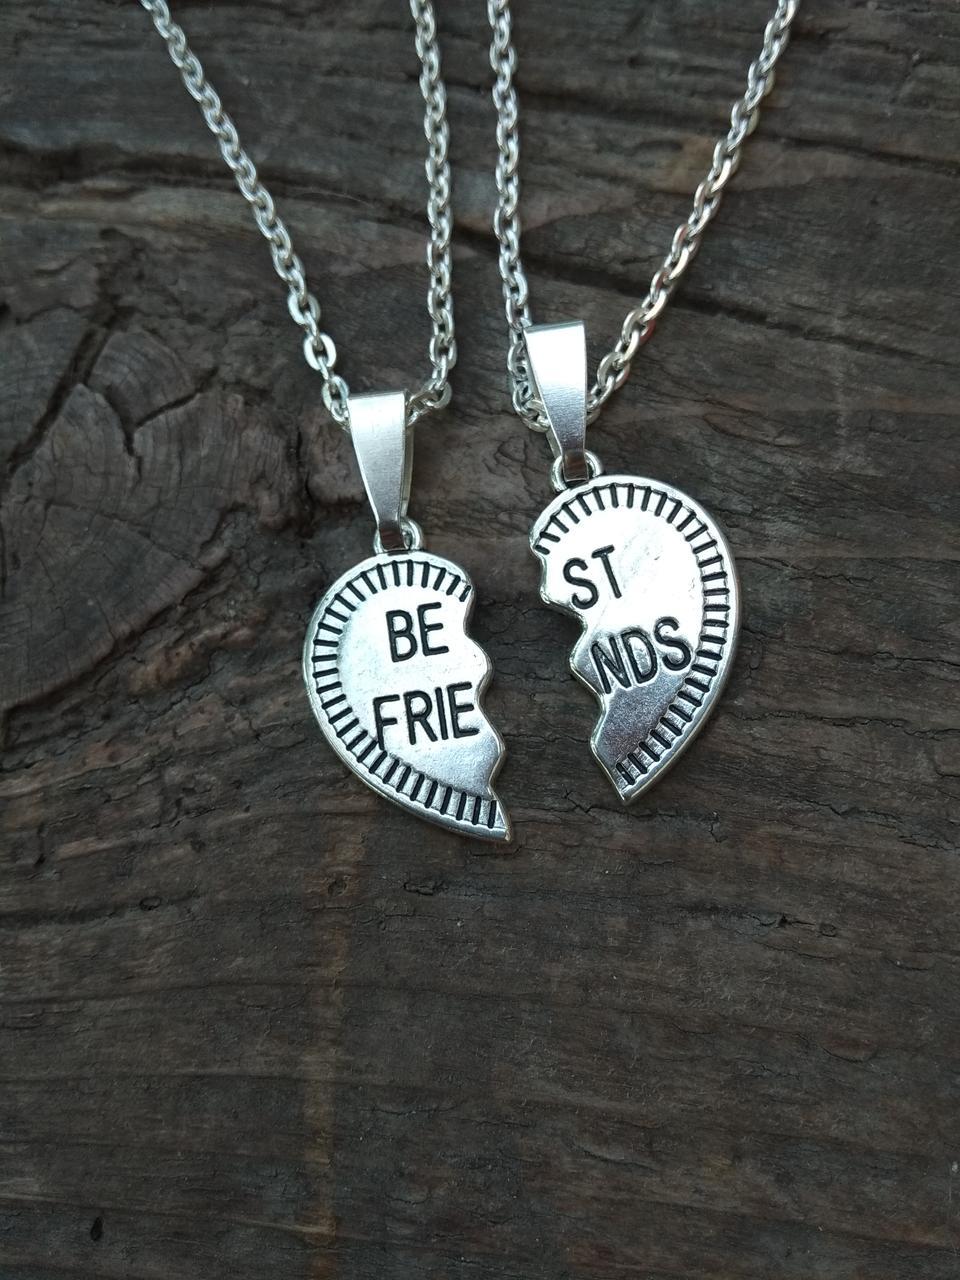 Підвіска кулон Best friends друзі кулони для двох друзів серце пара цепчока каучук